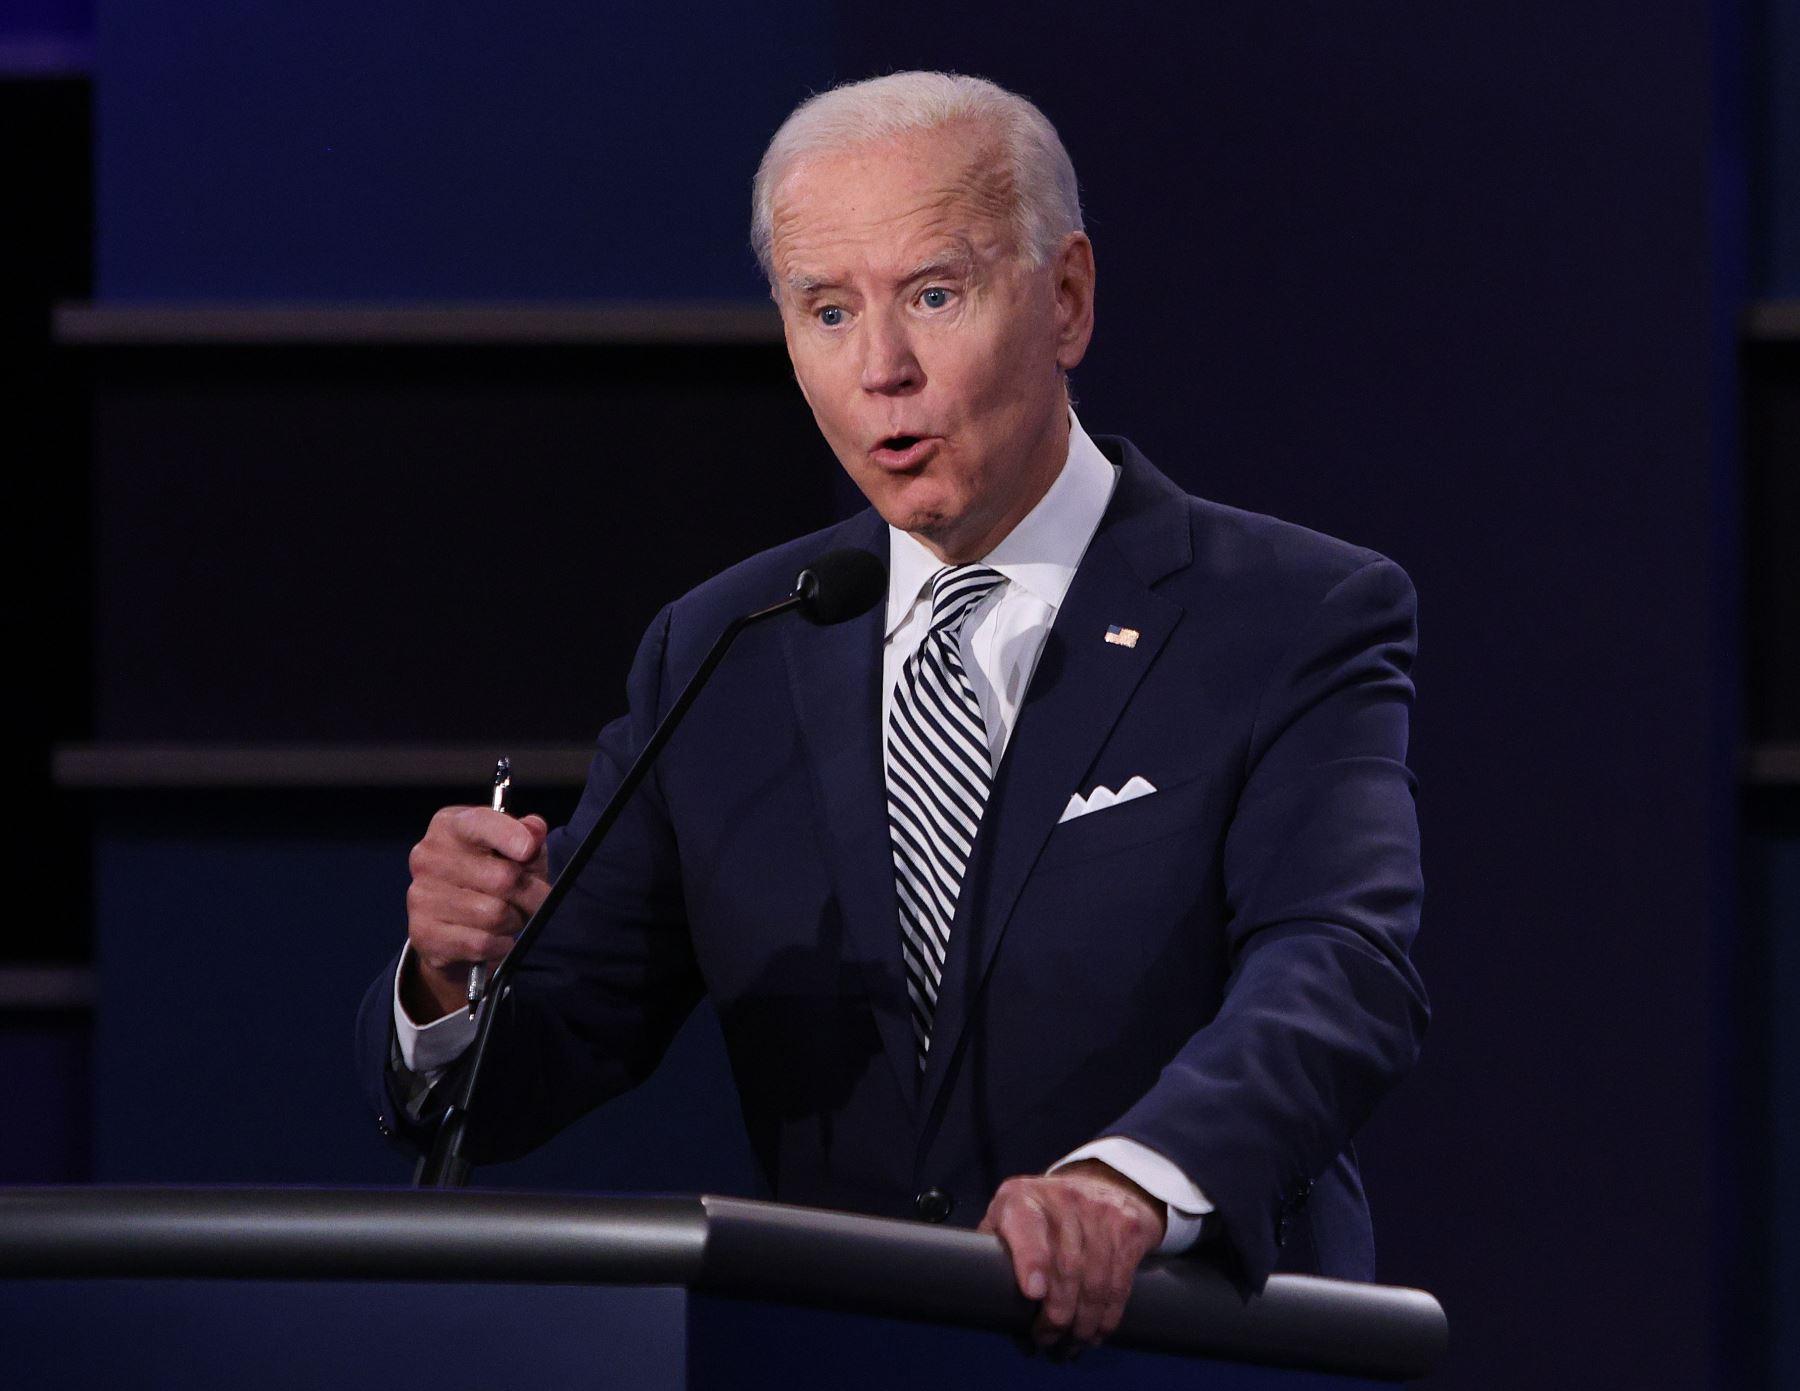 """Estados Unidos: Biden llama a terminar con la """"cruel"""" agenda antinmigrante de Trump"""